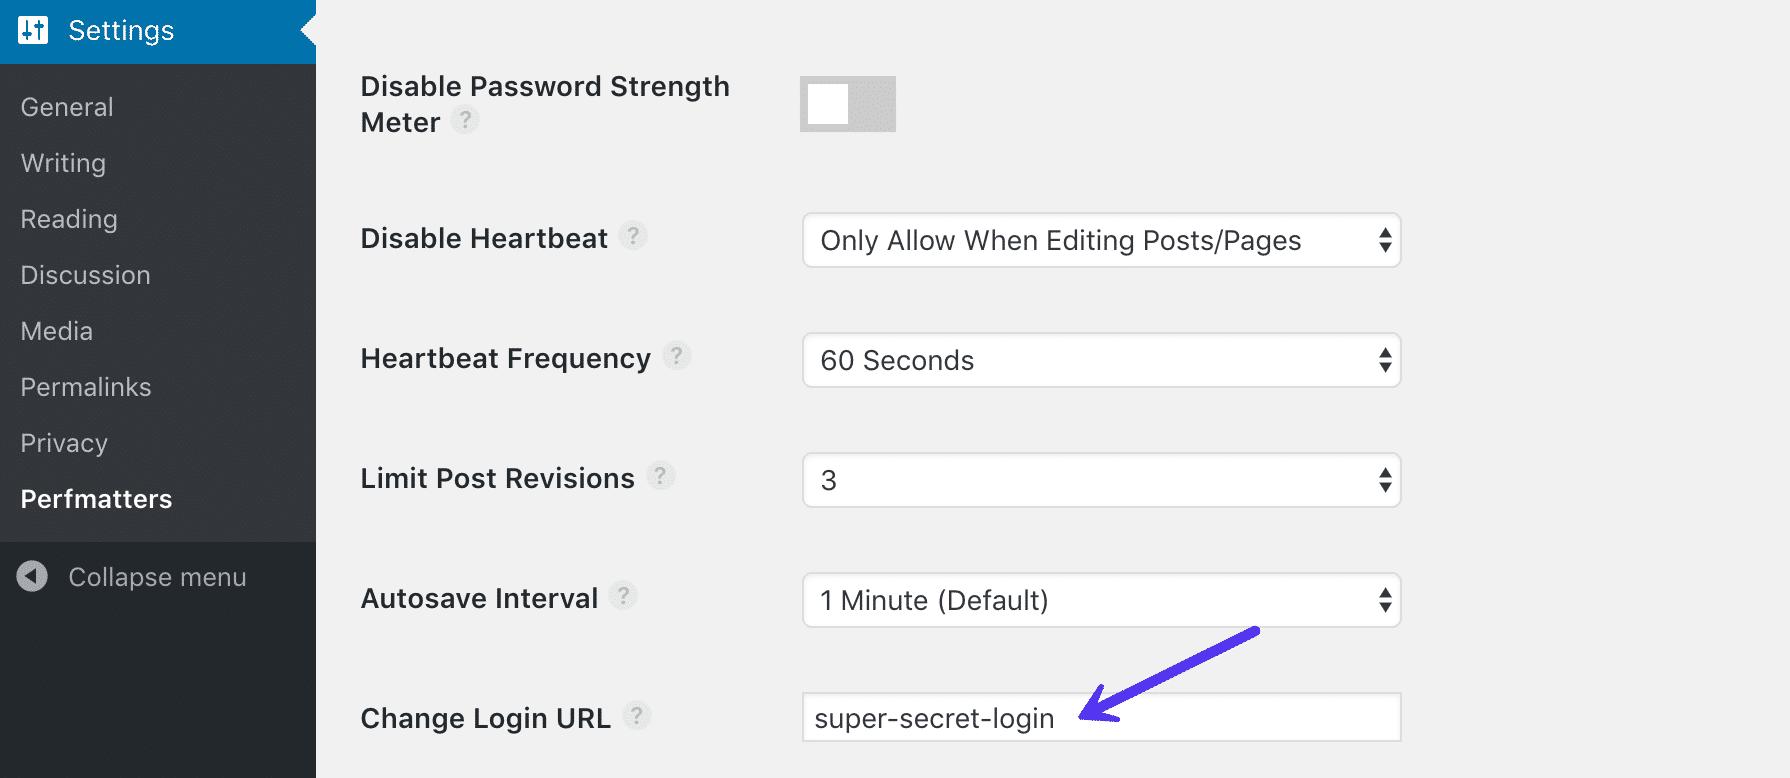 Alterar o URL de login no WordPress no Perfmatters